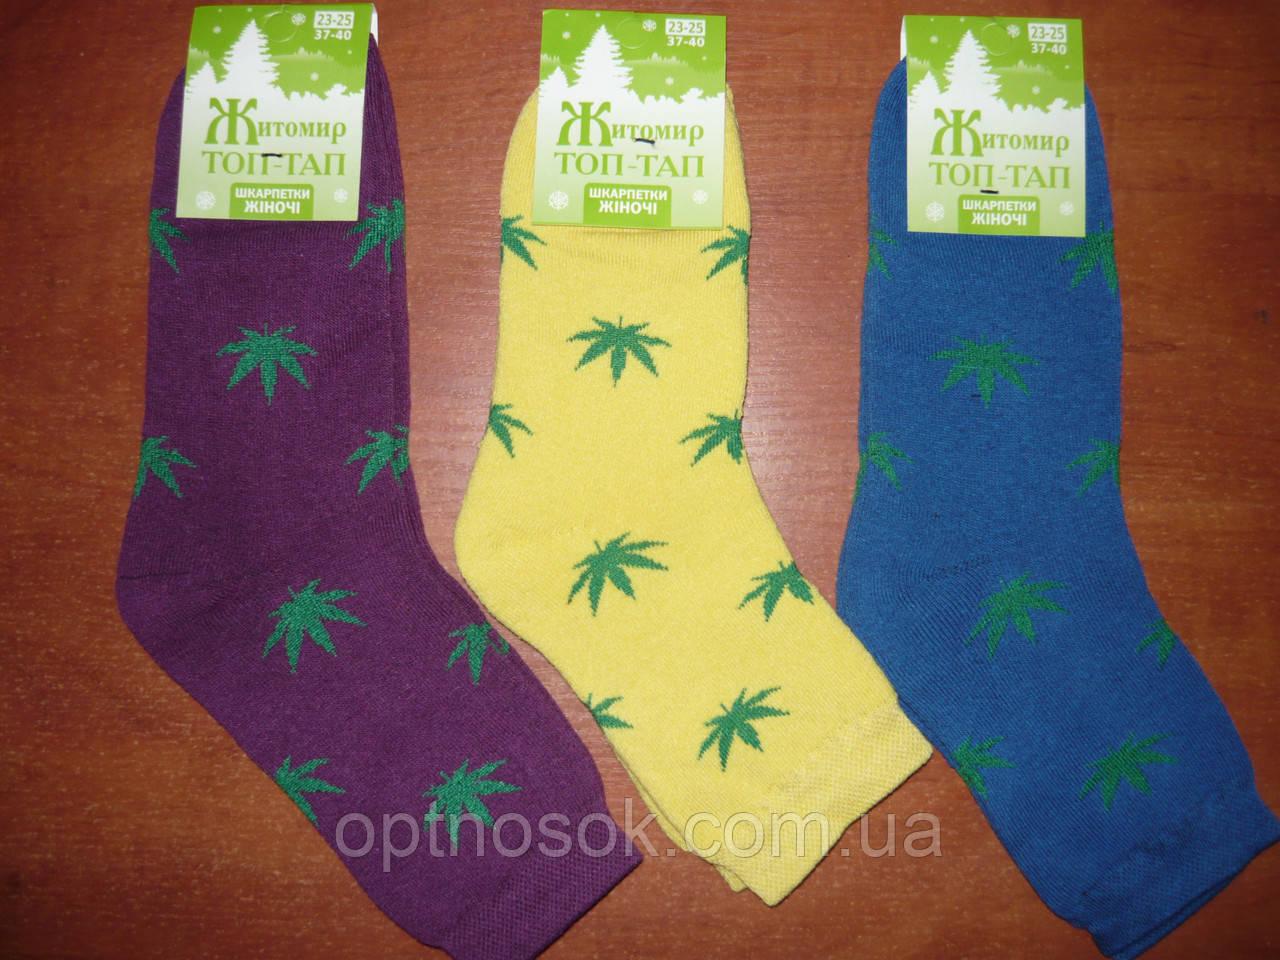 Махровые женские носки Топ-тап. Р. 23- 25. Житомир. Конопля.